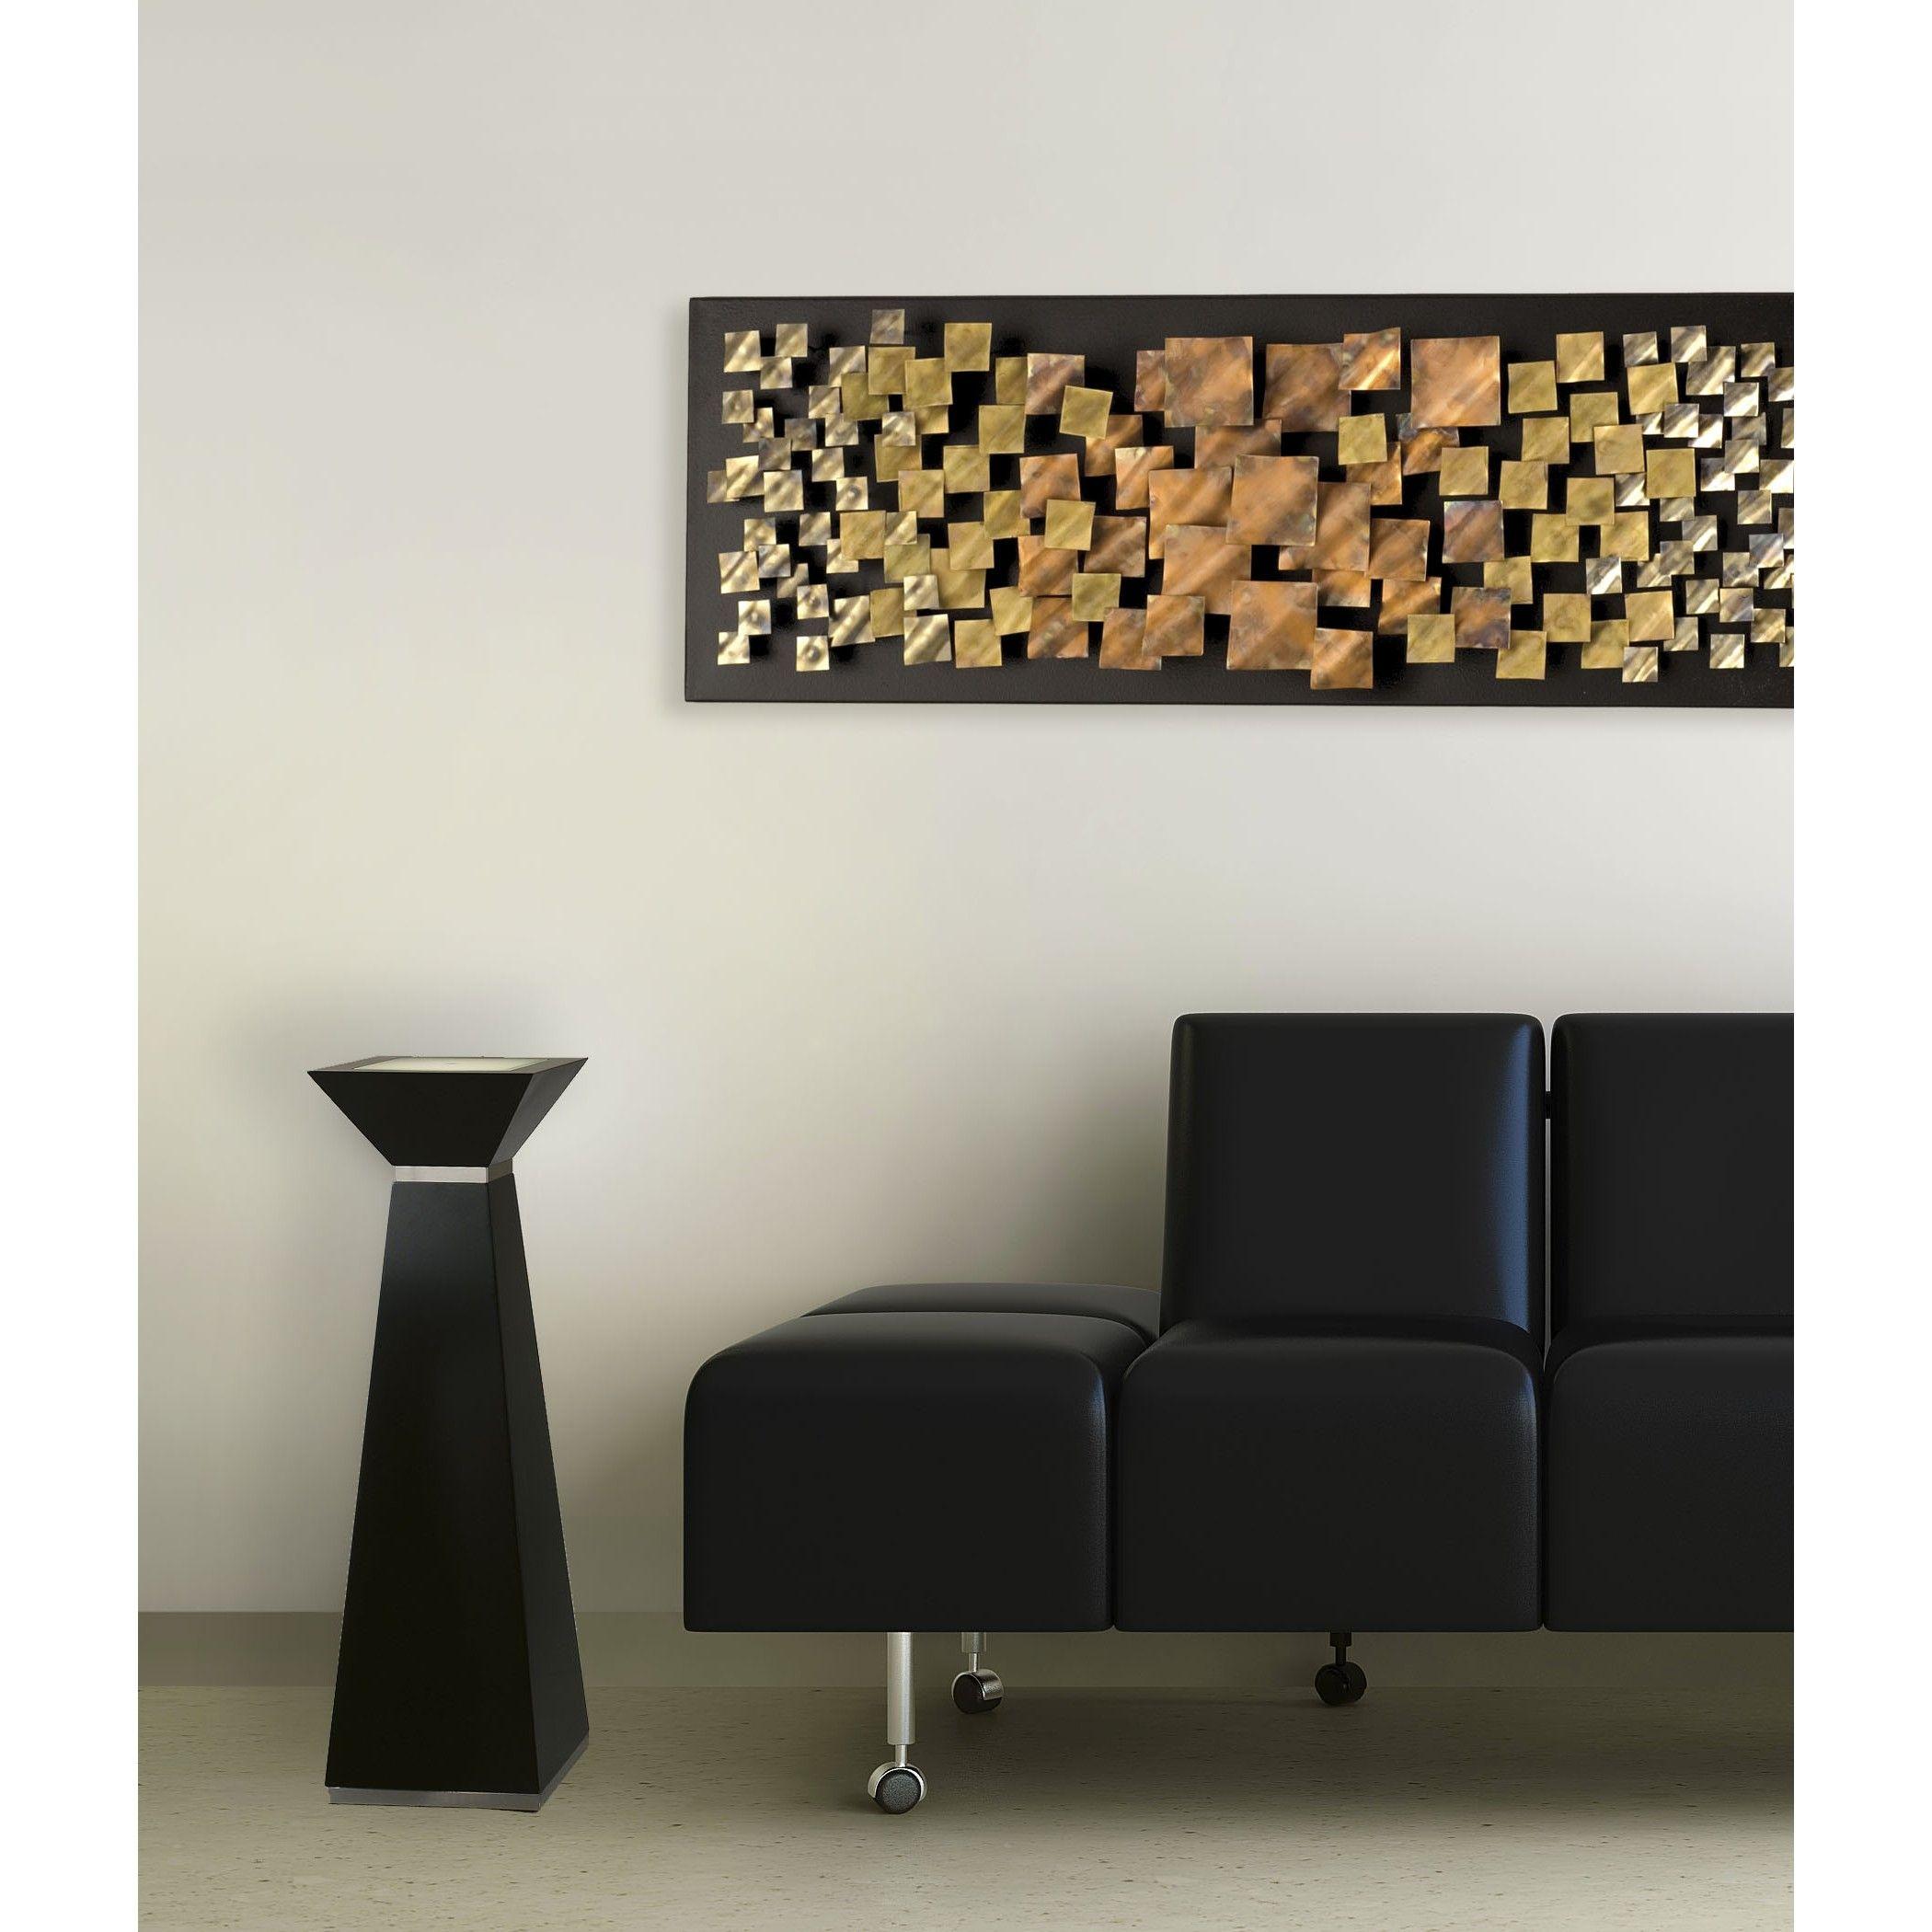 Wall Sculptures Studiolx Mosaic Art By Nova Lighting